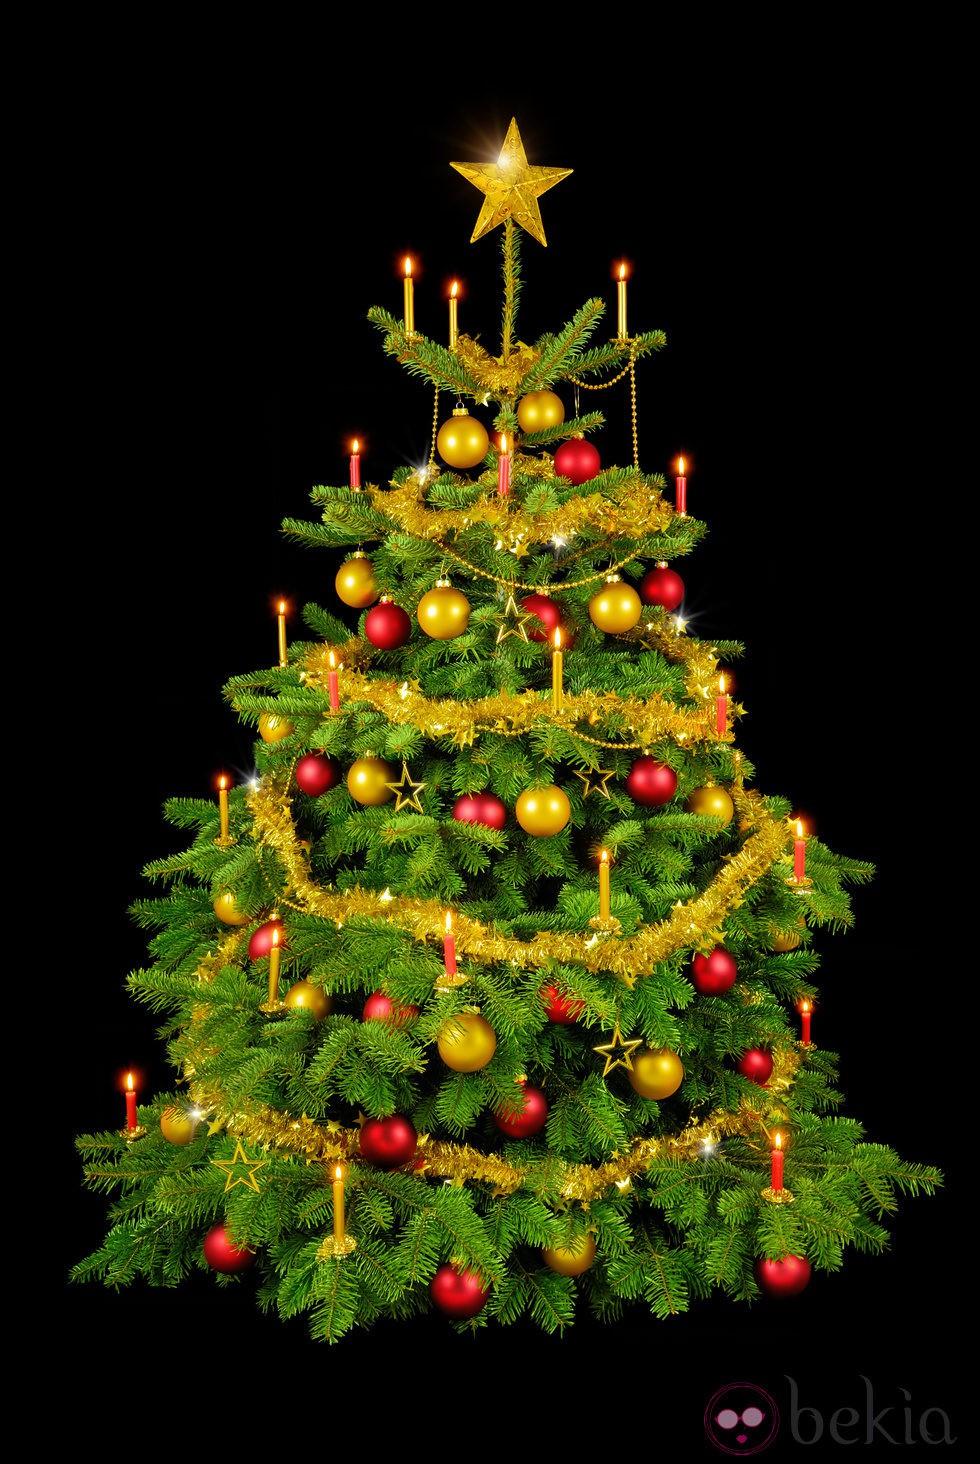 Rbol de navidad decorado con adornos dorados y rojos - Adornos para arbol navidad ...